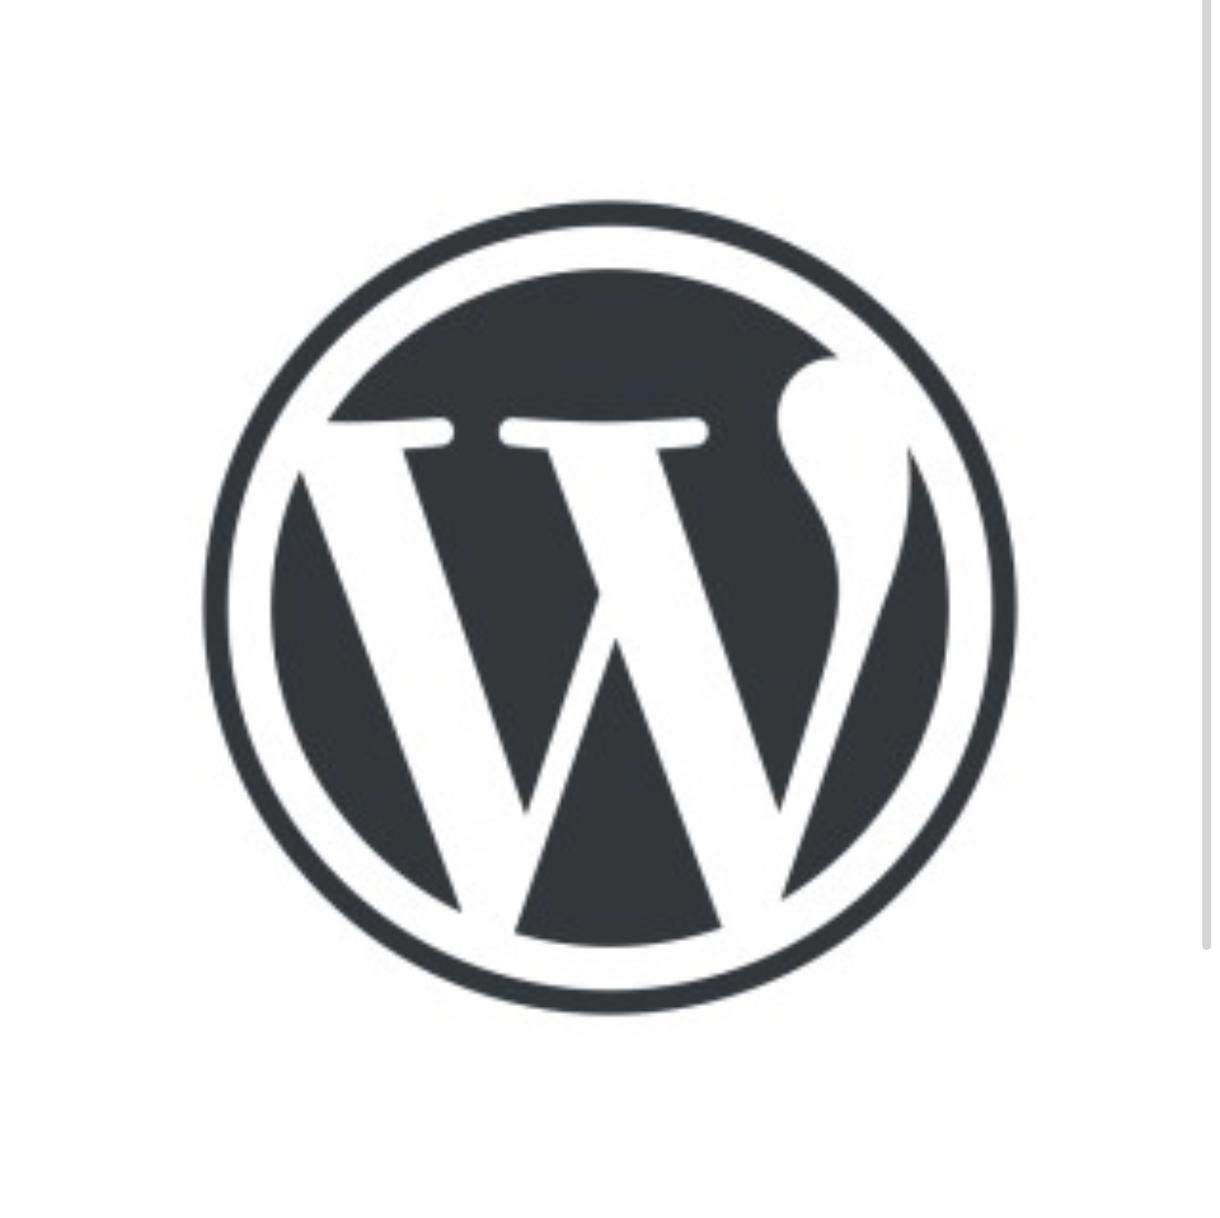 失敗しない、Wordpress最速で立ち上げます 今限定でSEO対策・ブログ必須ツールを教えます。